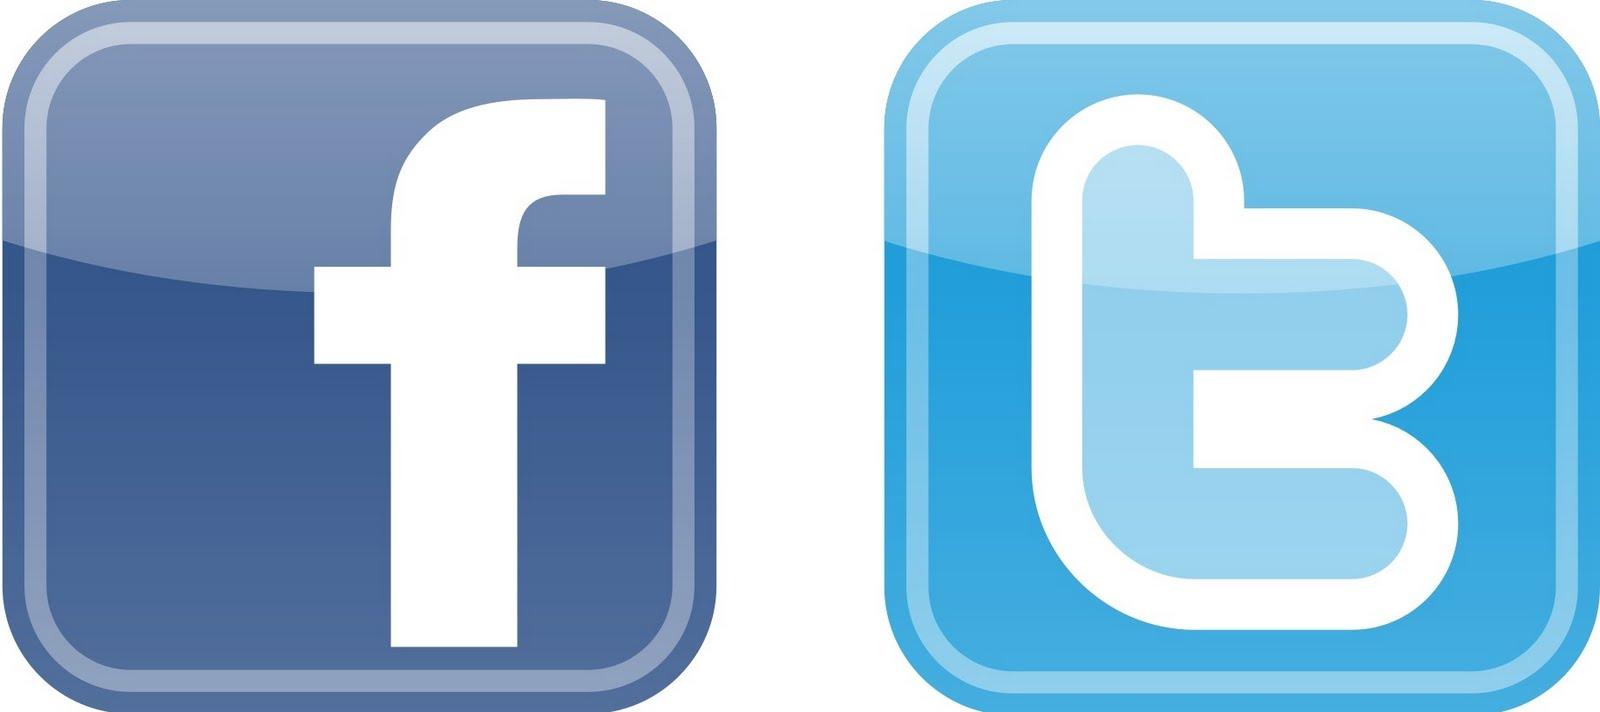 facebook.twitter button